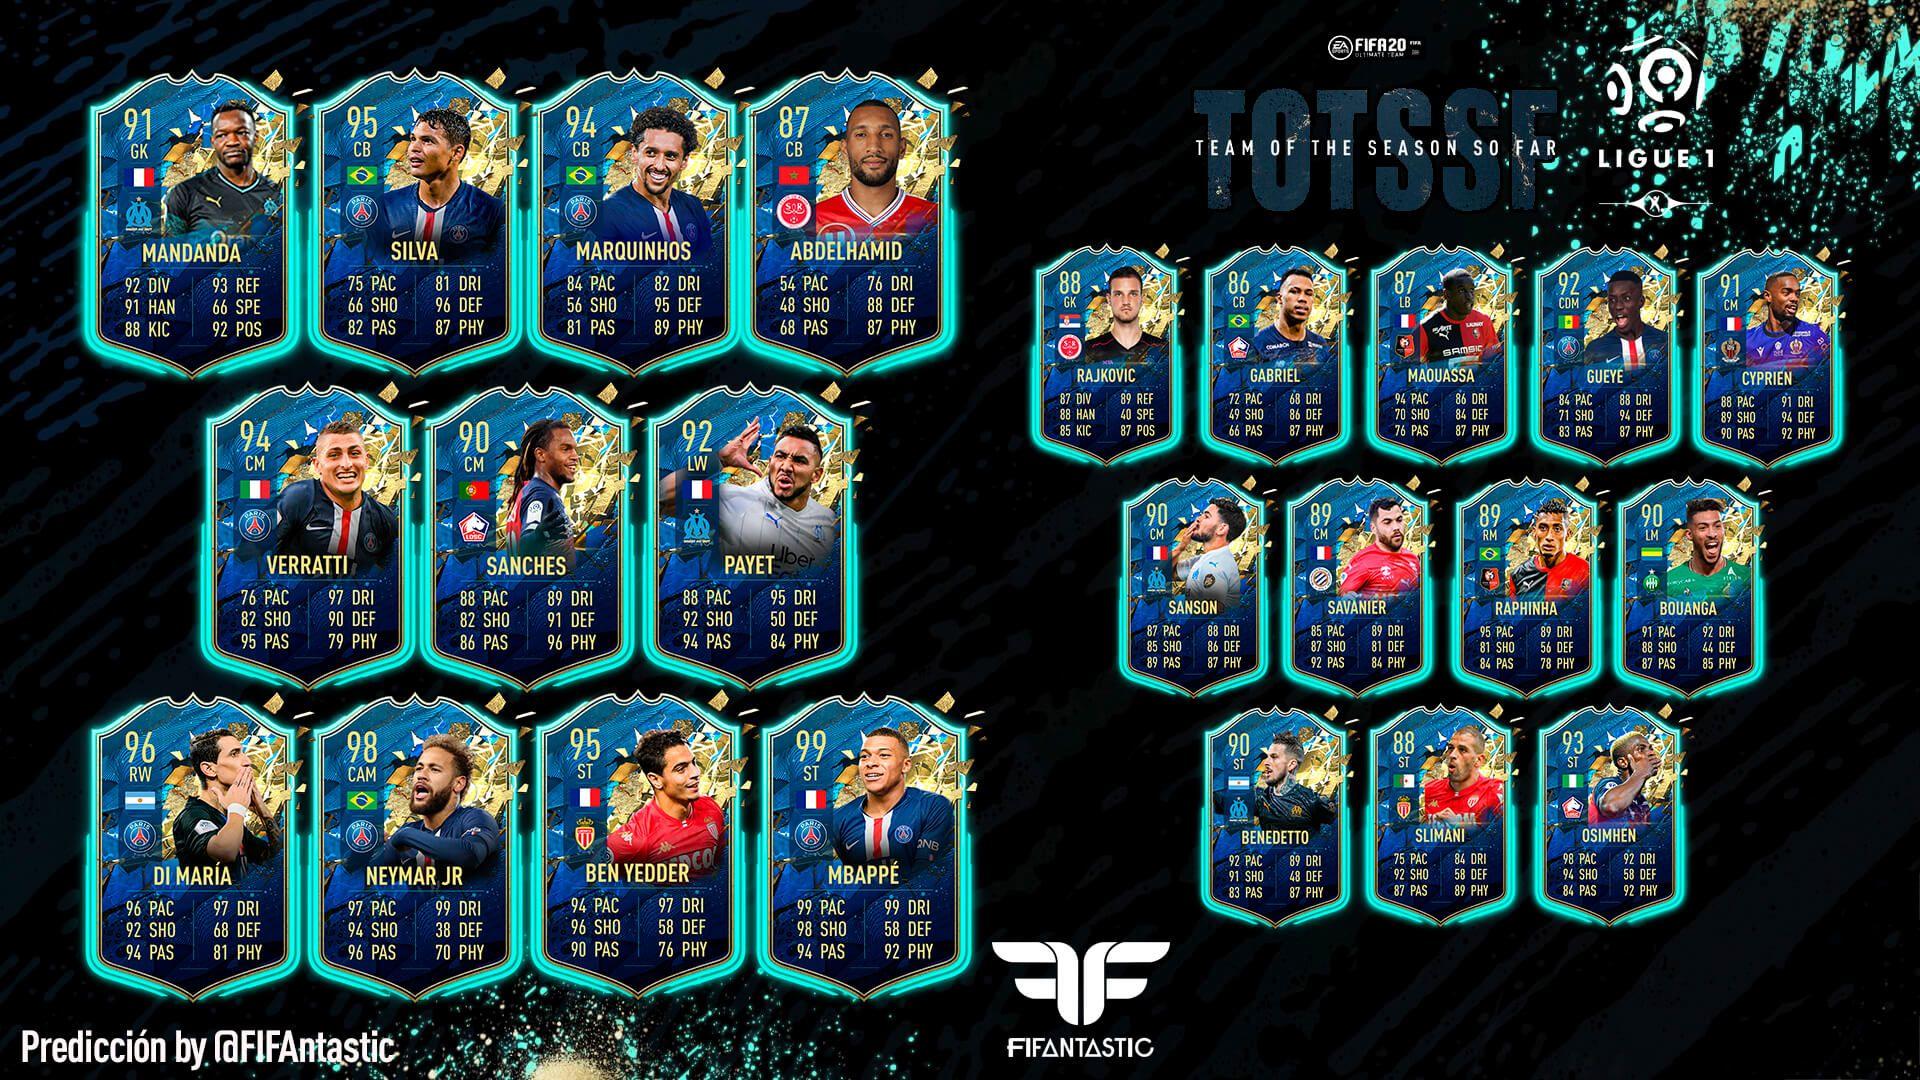 Predicción del TOTSSF de la Ligue 1 de FIFA 20 Ultimate Team